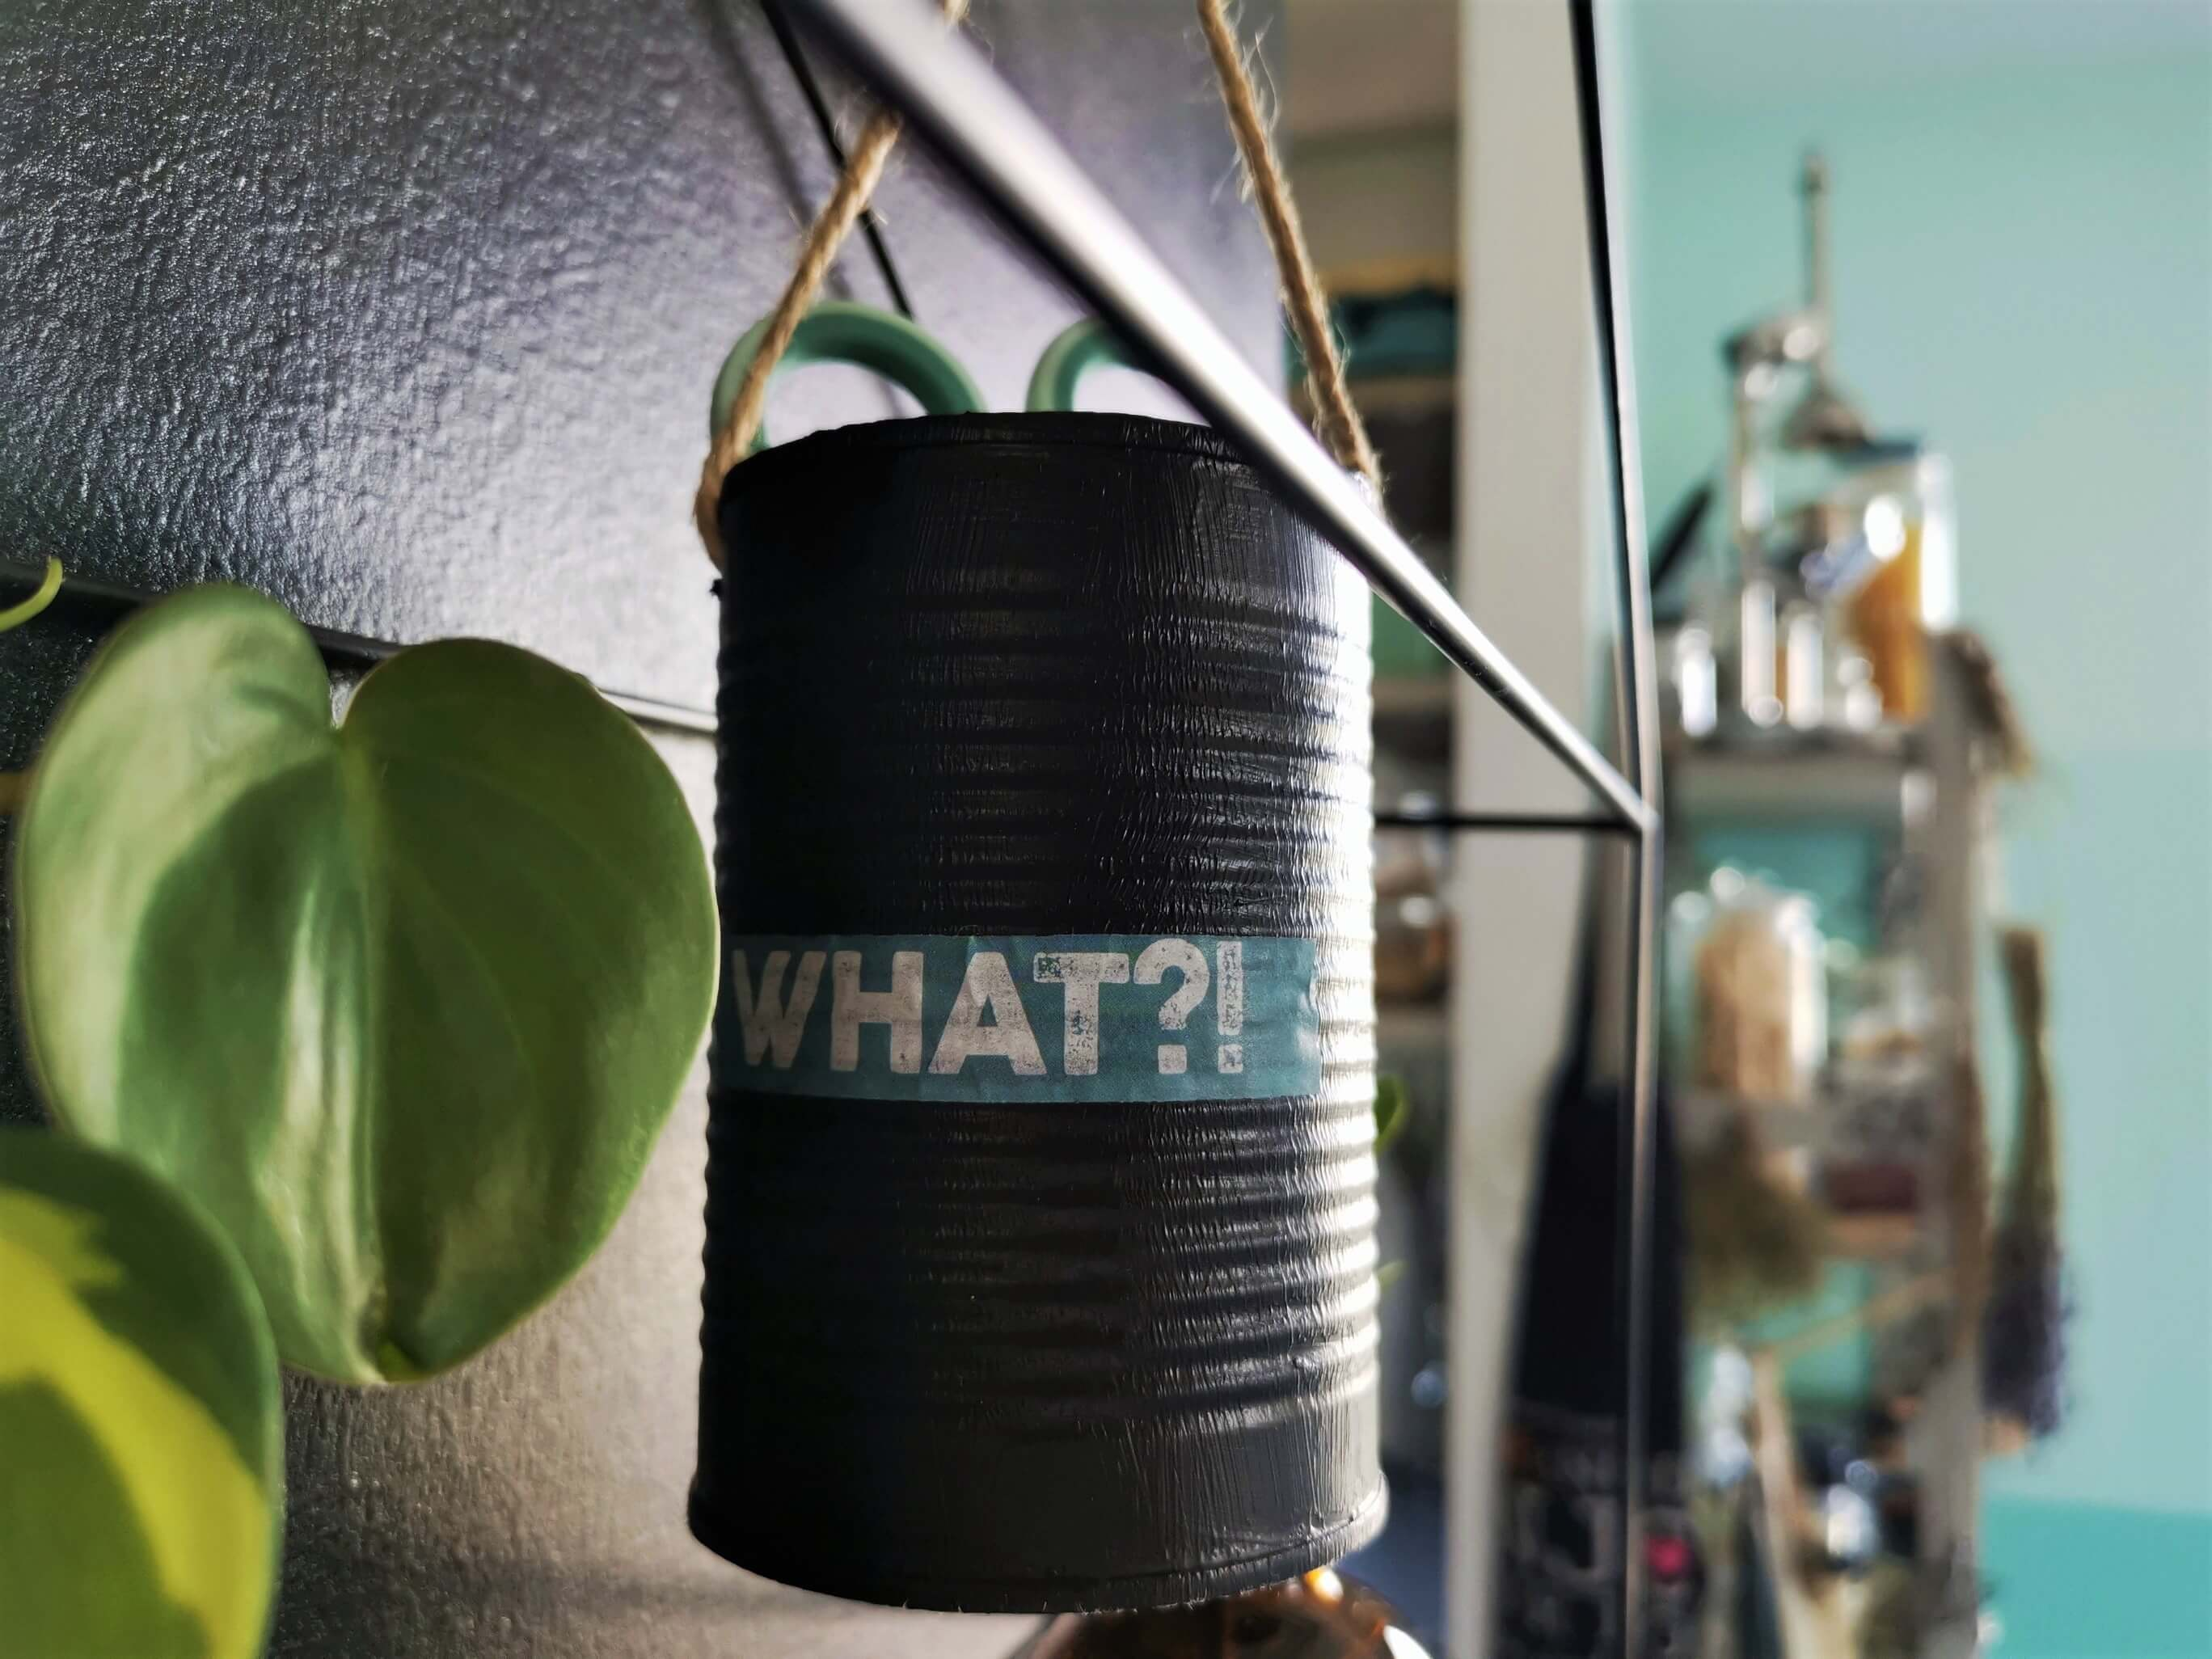 IMG 20190428 160442 01 resized 20190428 070231917 - Deko aus Müll: 5 Recycling-Ideen für ein schöneres Zuhause